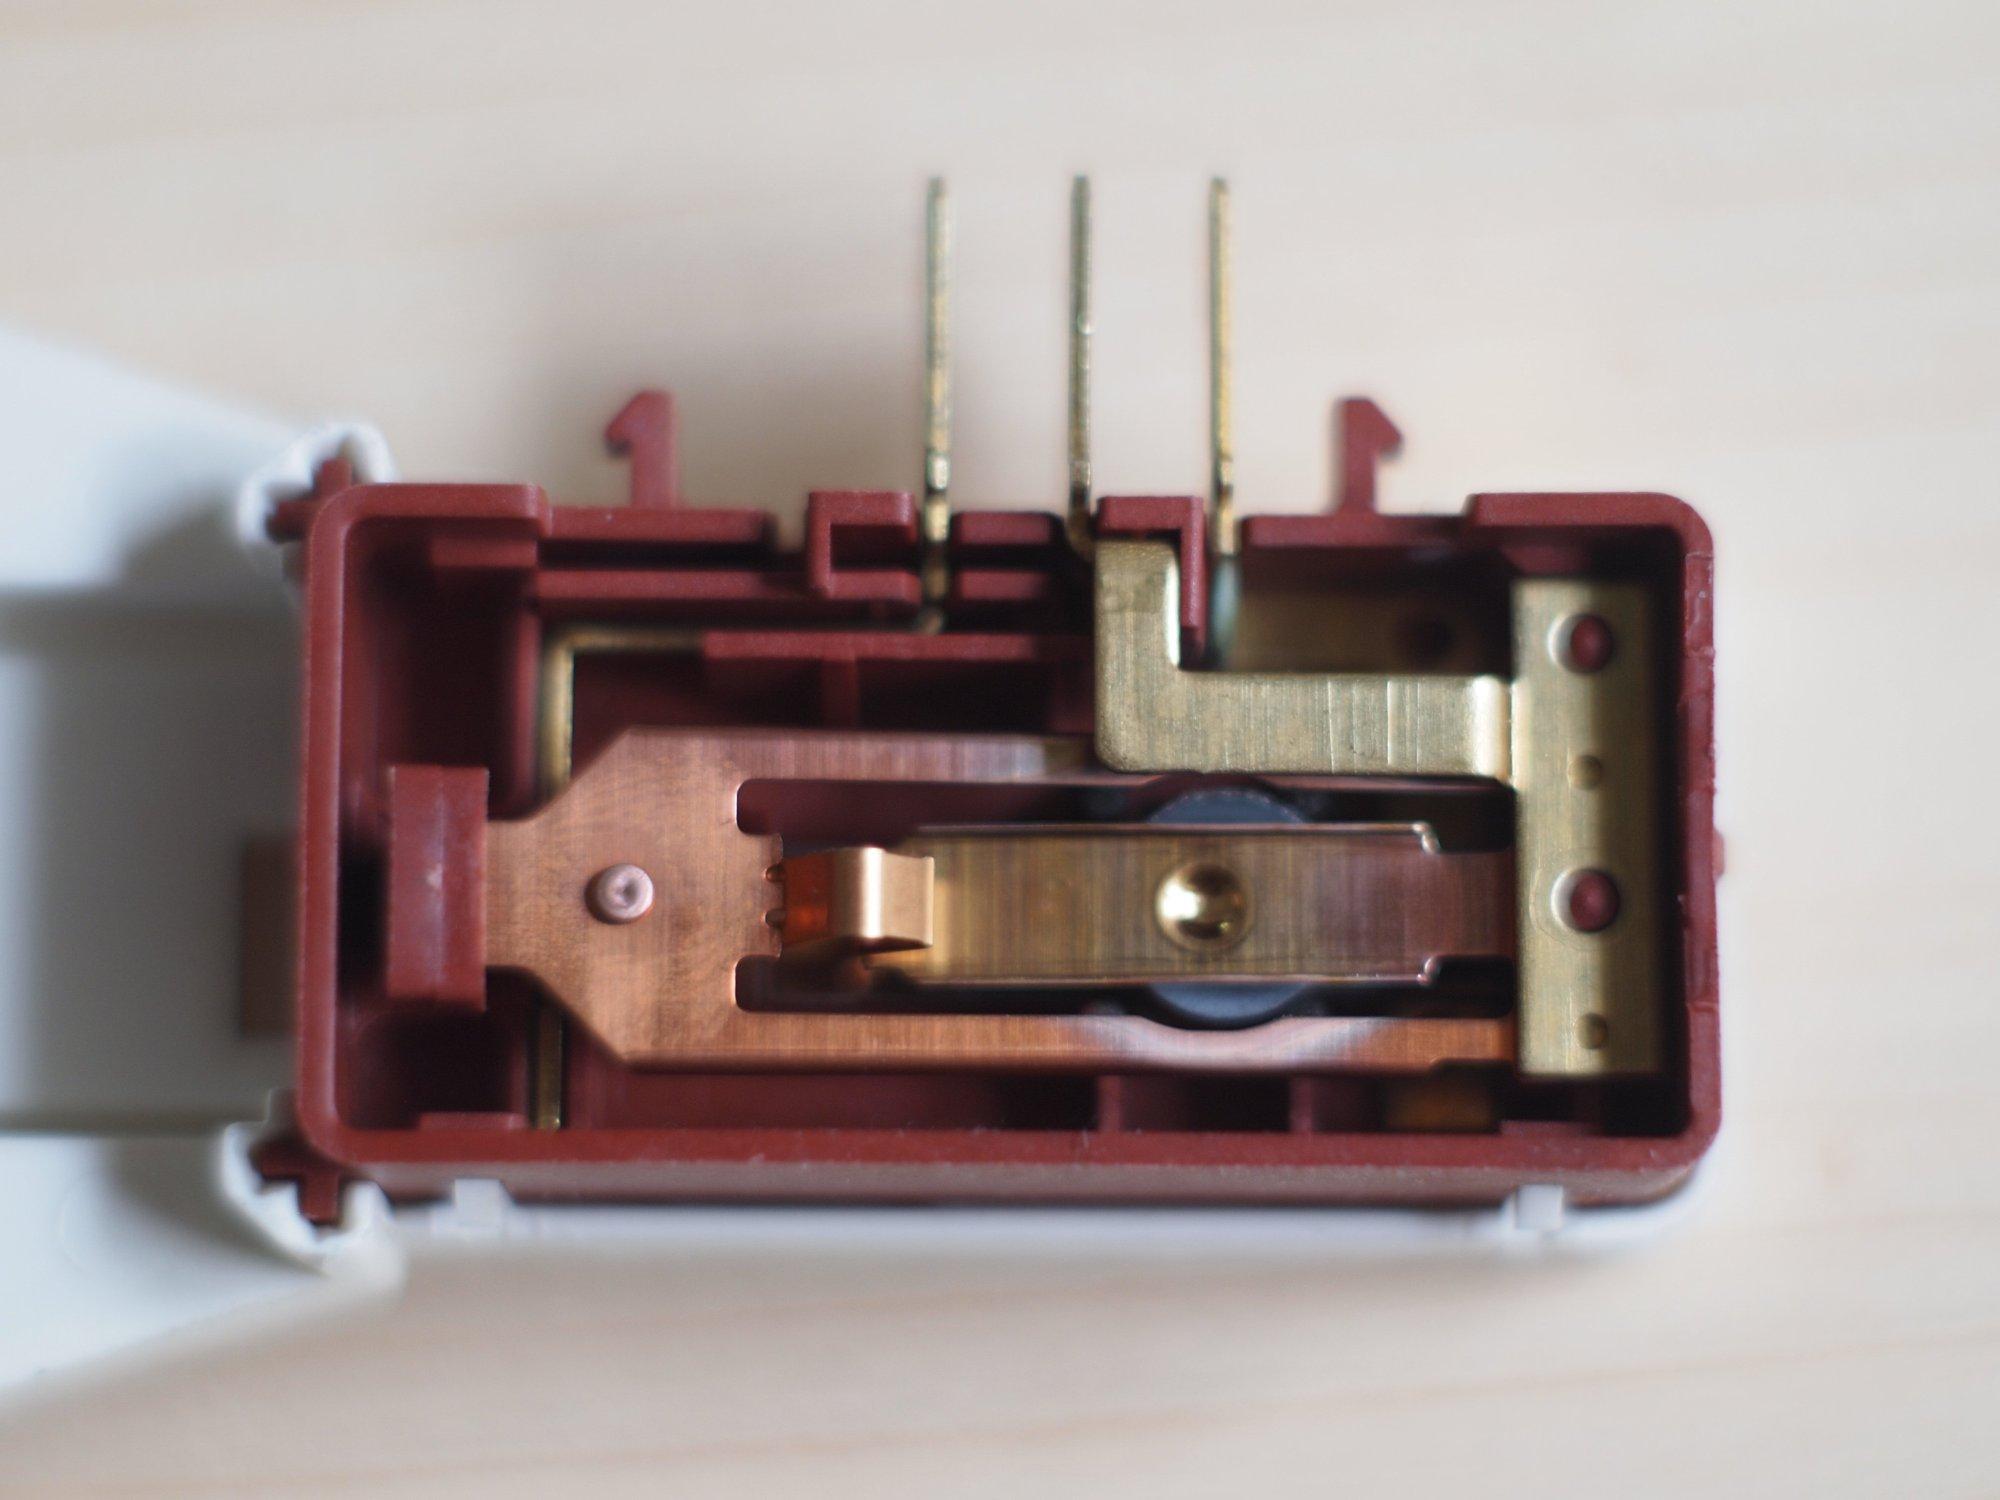 hight resolution of interlock wiring diagram 4 door